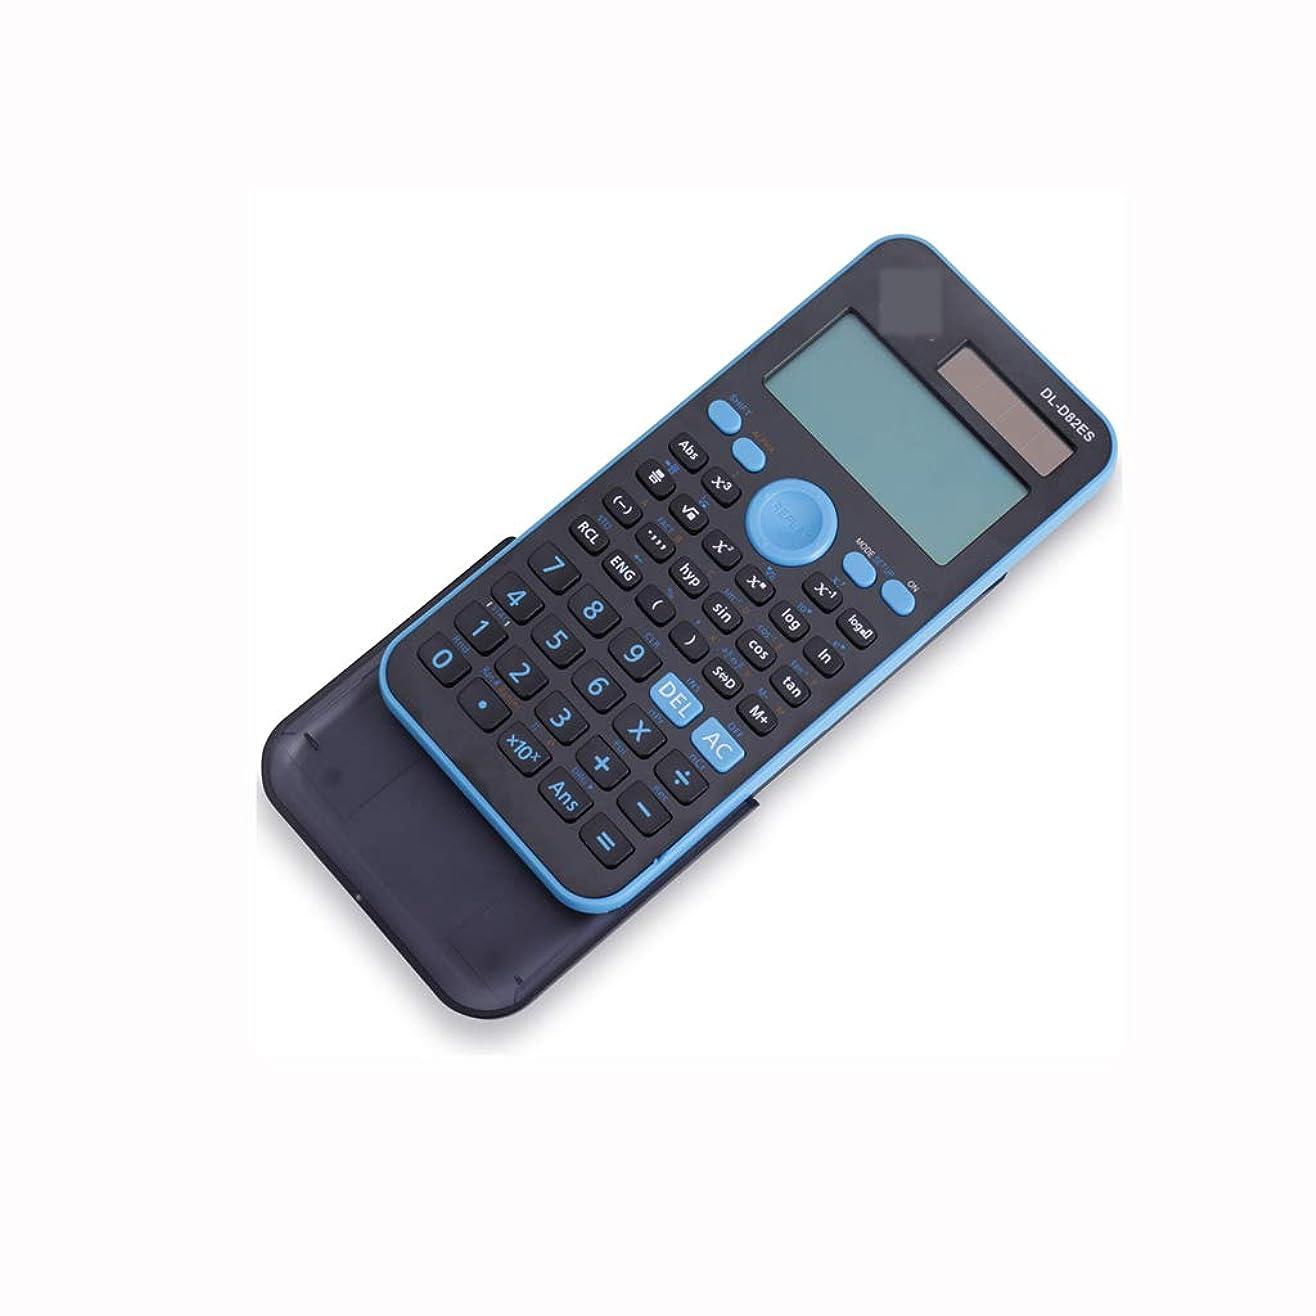 ウェイド組中絶オフィス電卓 関数電卓ソーラーデュアルパワー多機能学生試験科学コンピュータポータブルカウンタ仕様:170mmx85mmx20mm